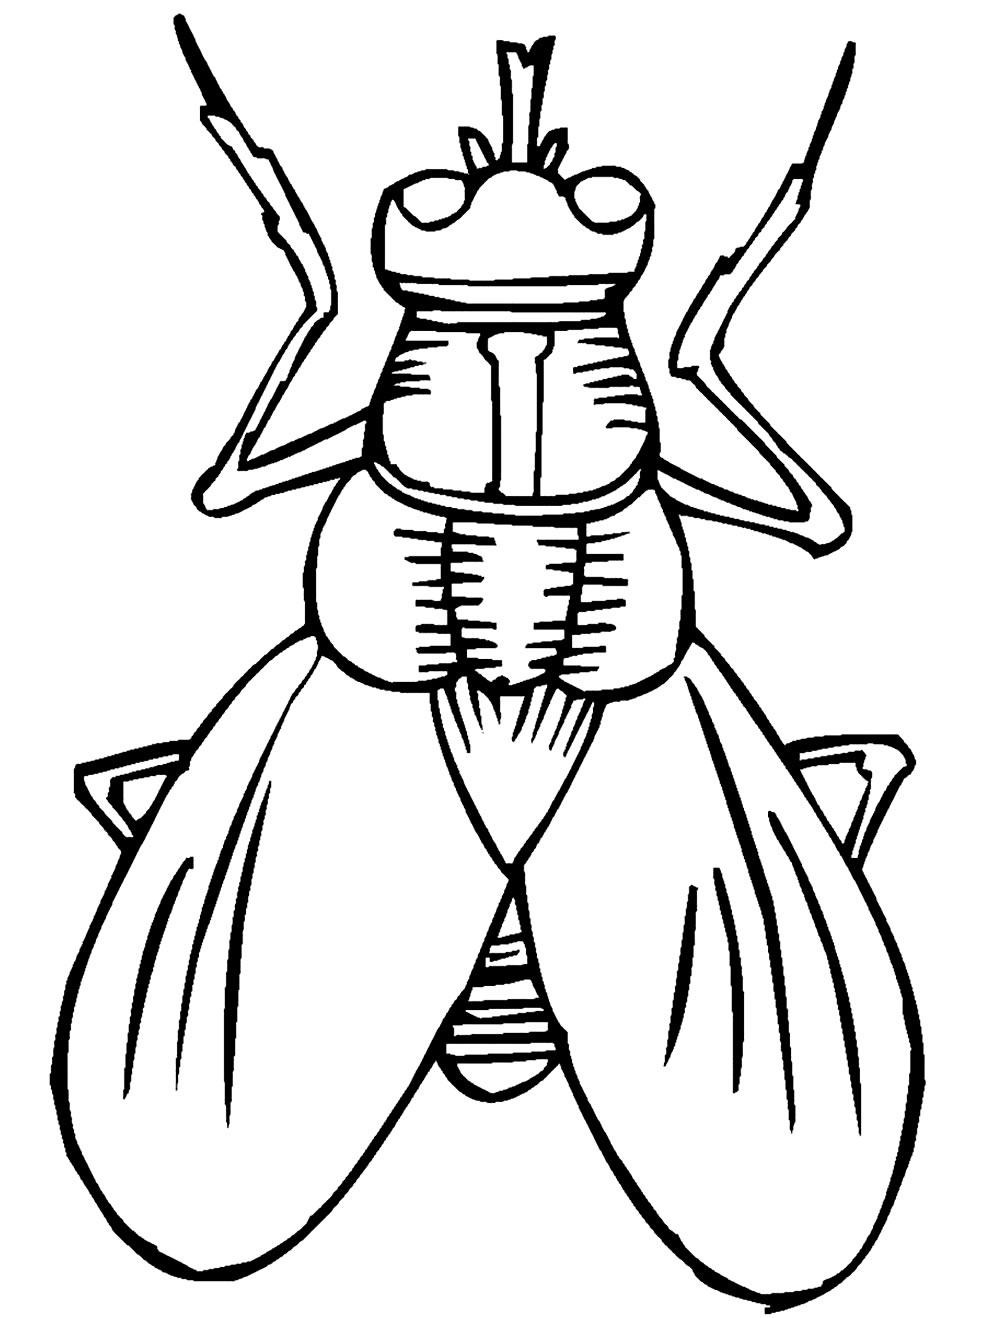 Imagem de inseto para pintar